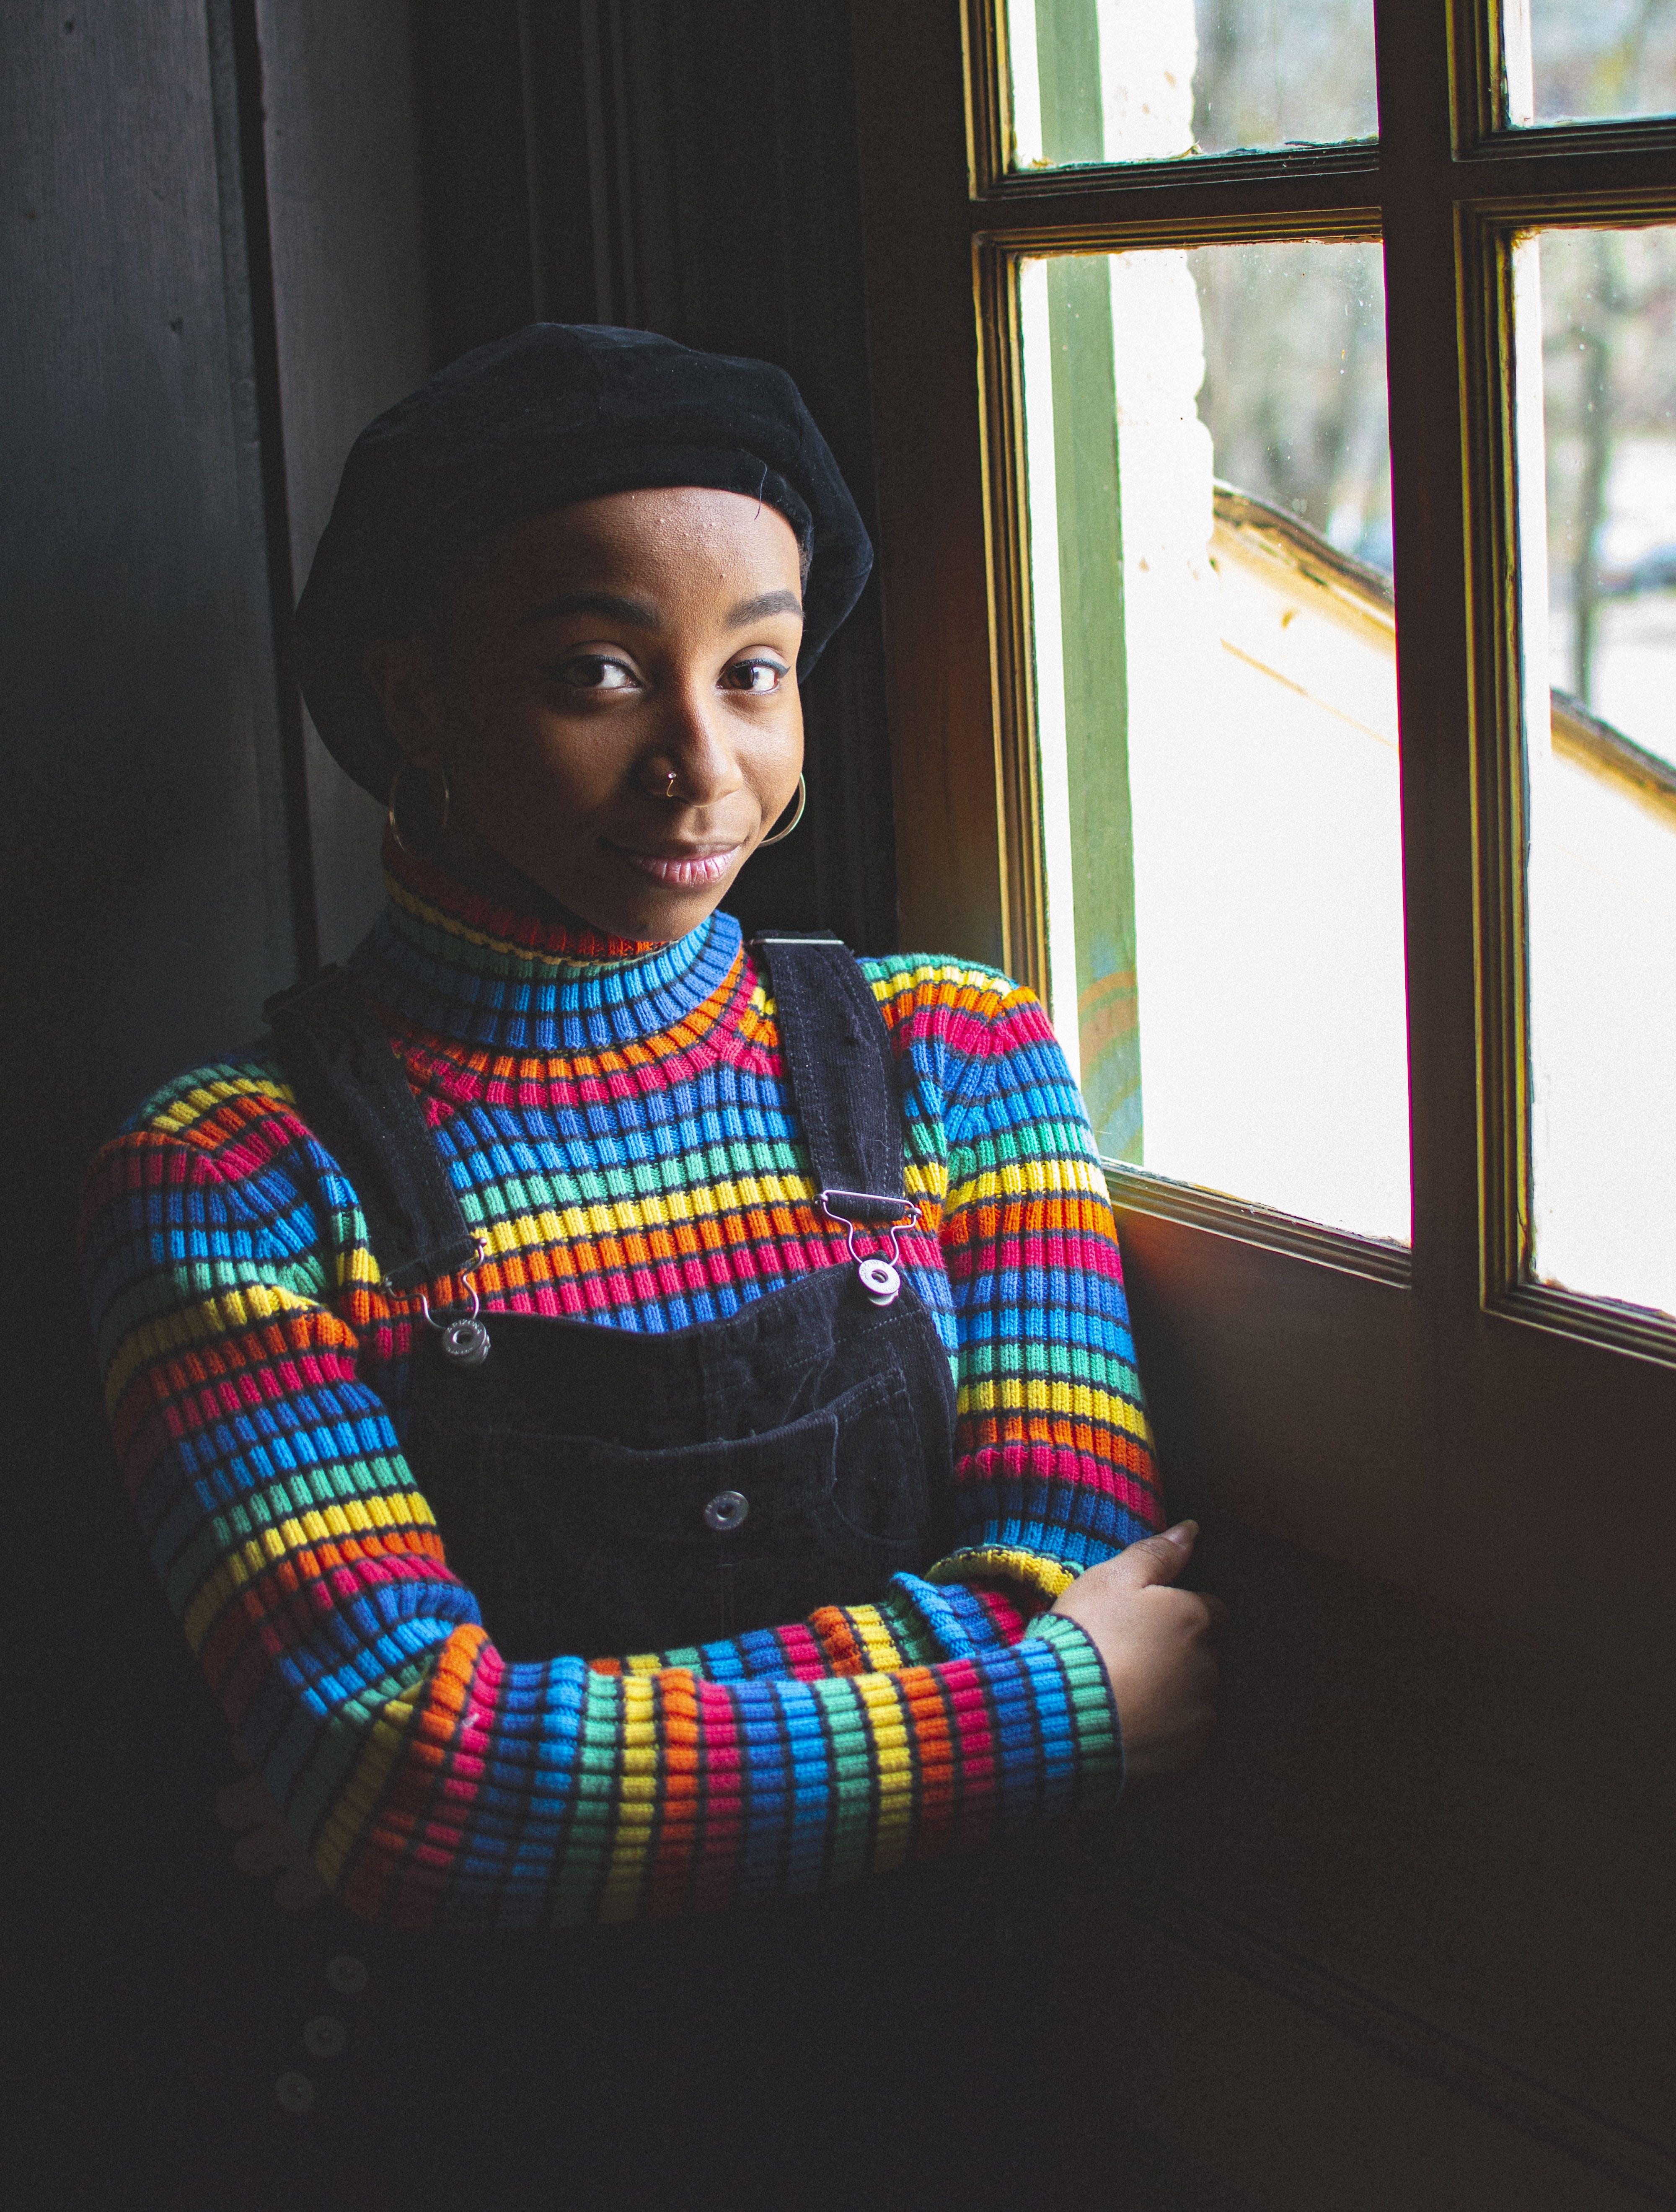 ほほえむ, アフリカ系アメリカ人女性, 人, 女性の無料の写真素材